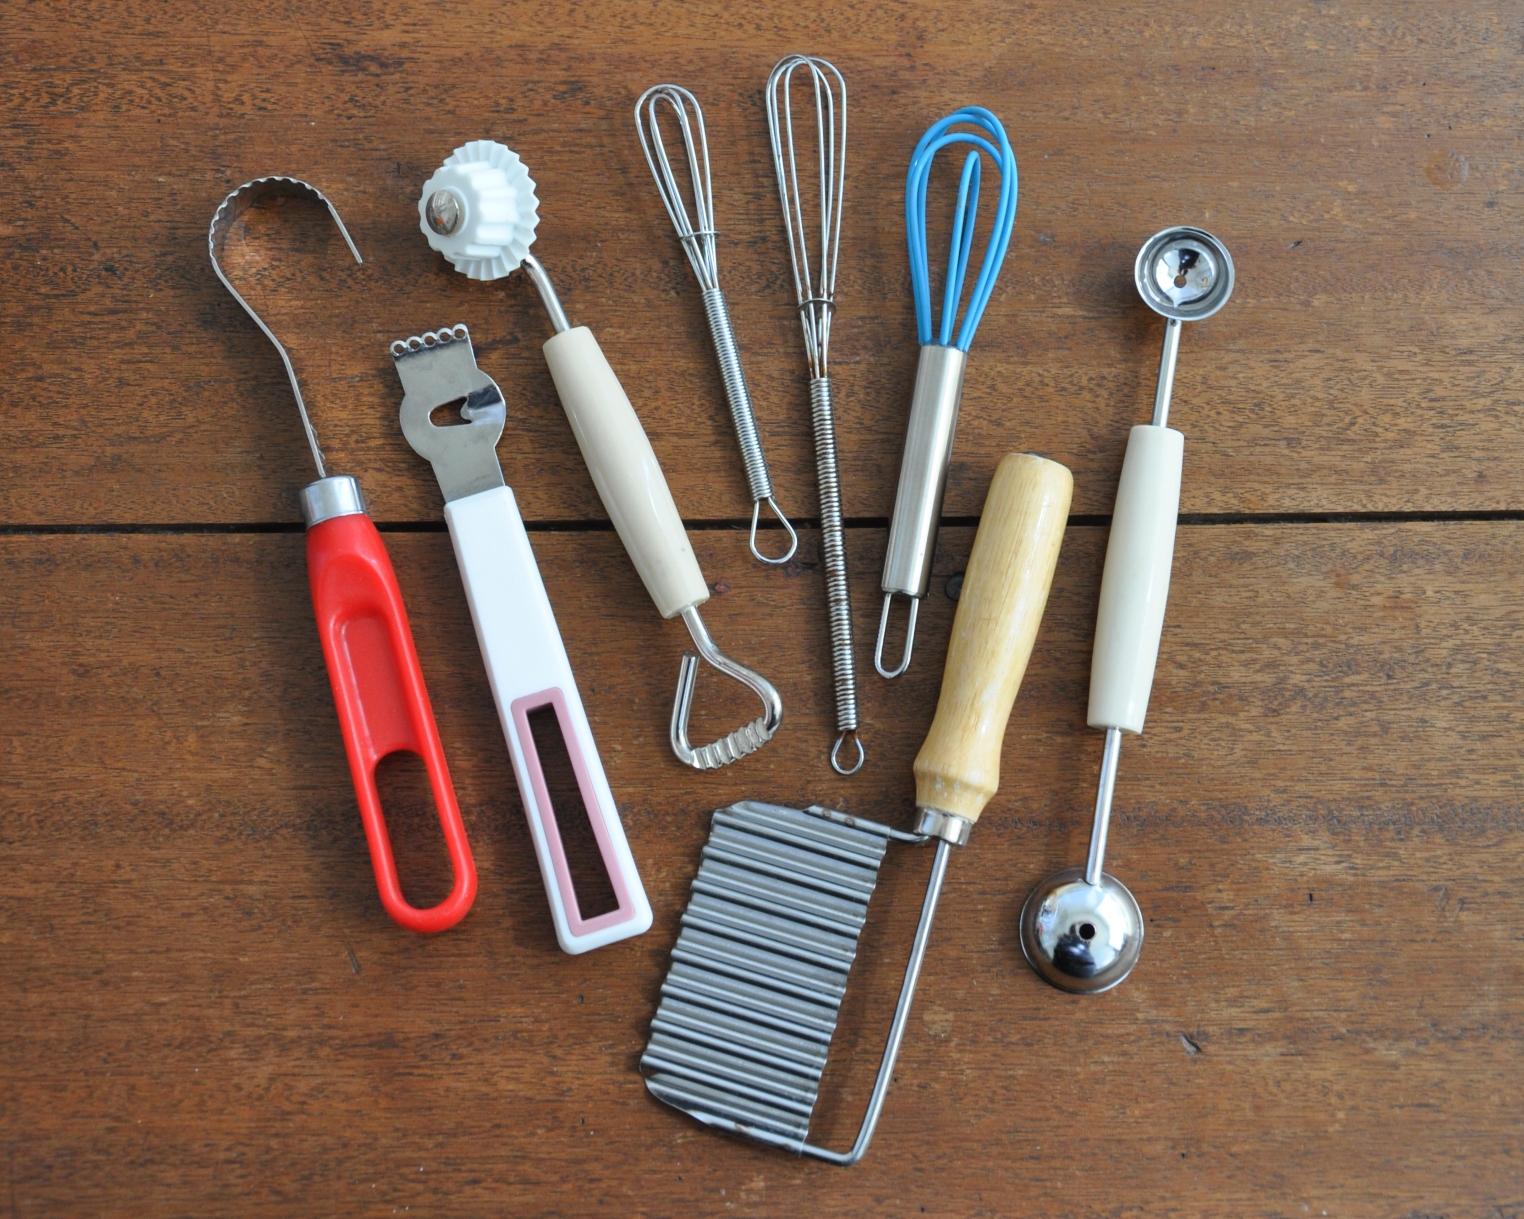 The Foodie Inc kitchen utensils